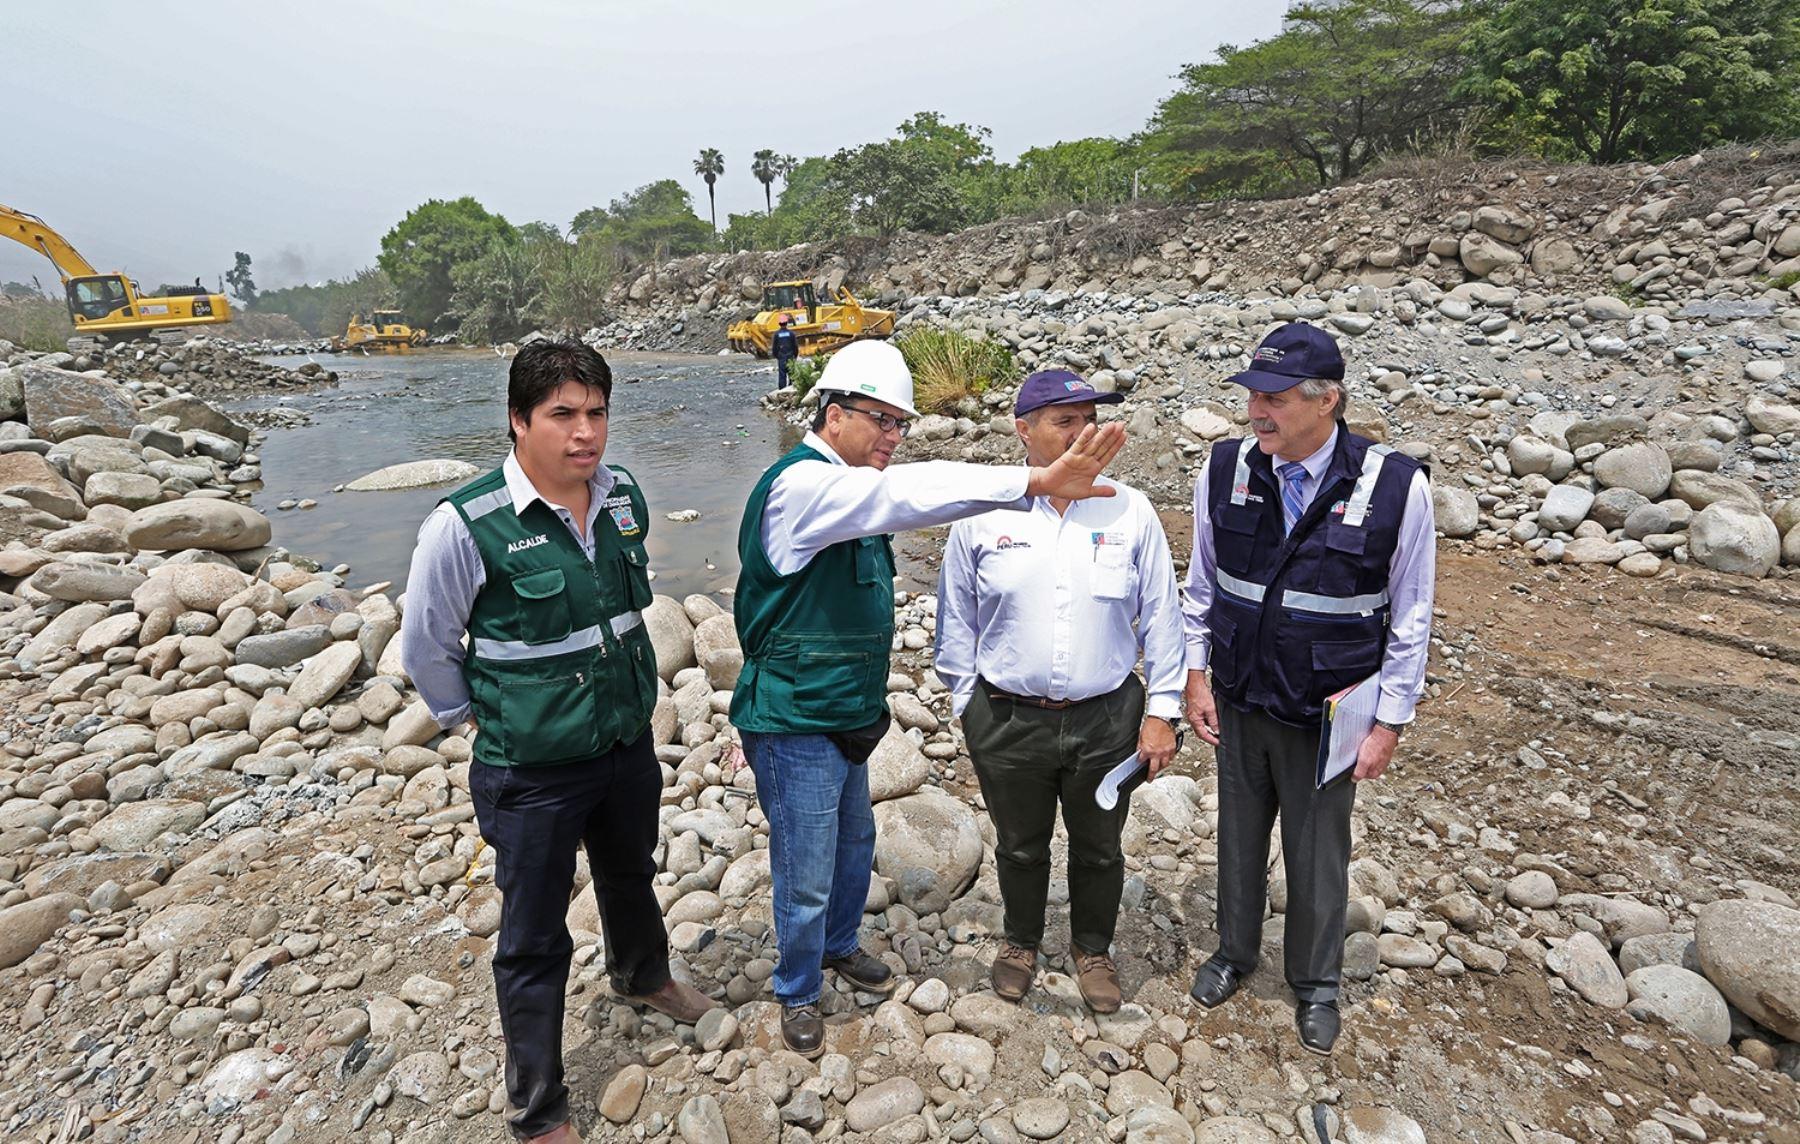 Ministros de Agricultura, Juan Benites; y de Vivienda, Francisco Dumler, supervisaron la descolmatación y limpieza de quebradas en Chaclacayo.